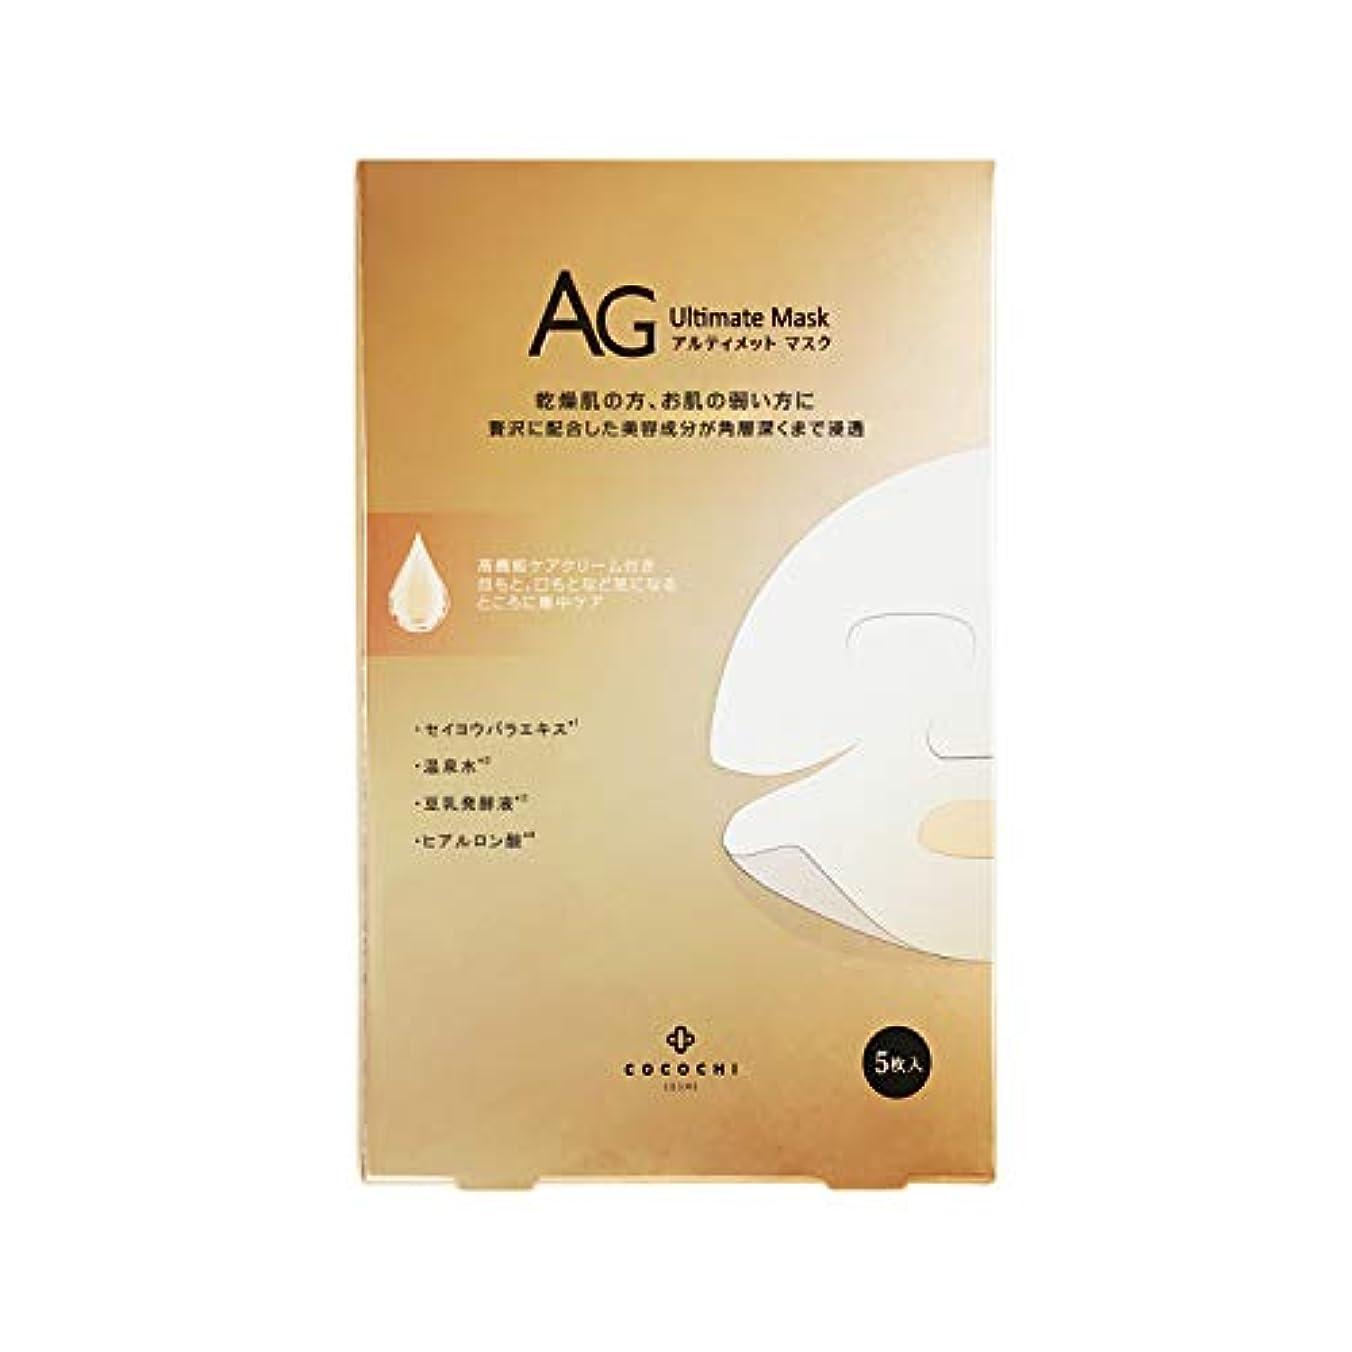 脳フィットネス遺体安置所エージーアルティメット(AGアルティメット) エージーアルティメットマスク フェイスマスク 5